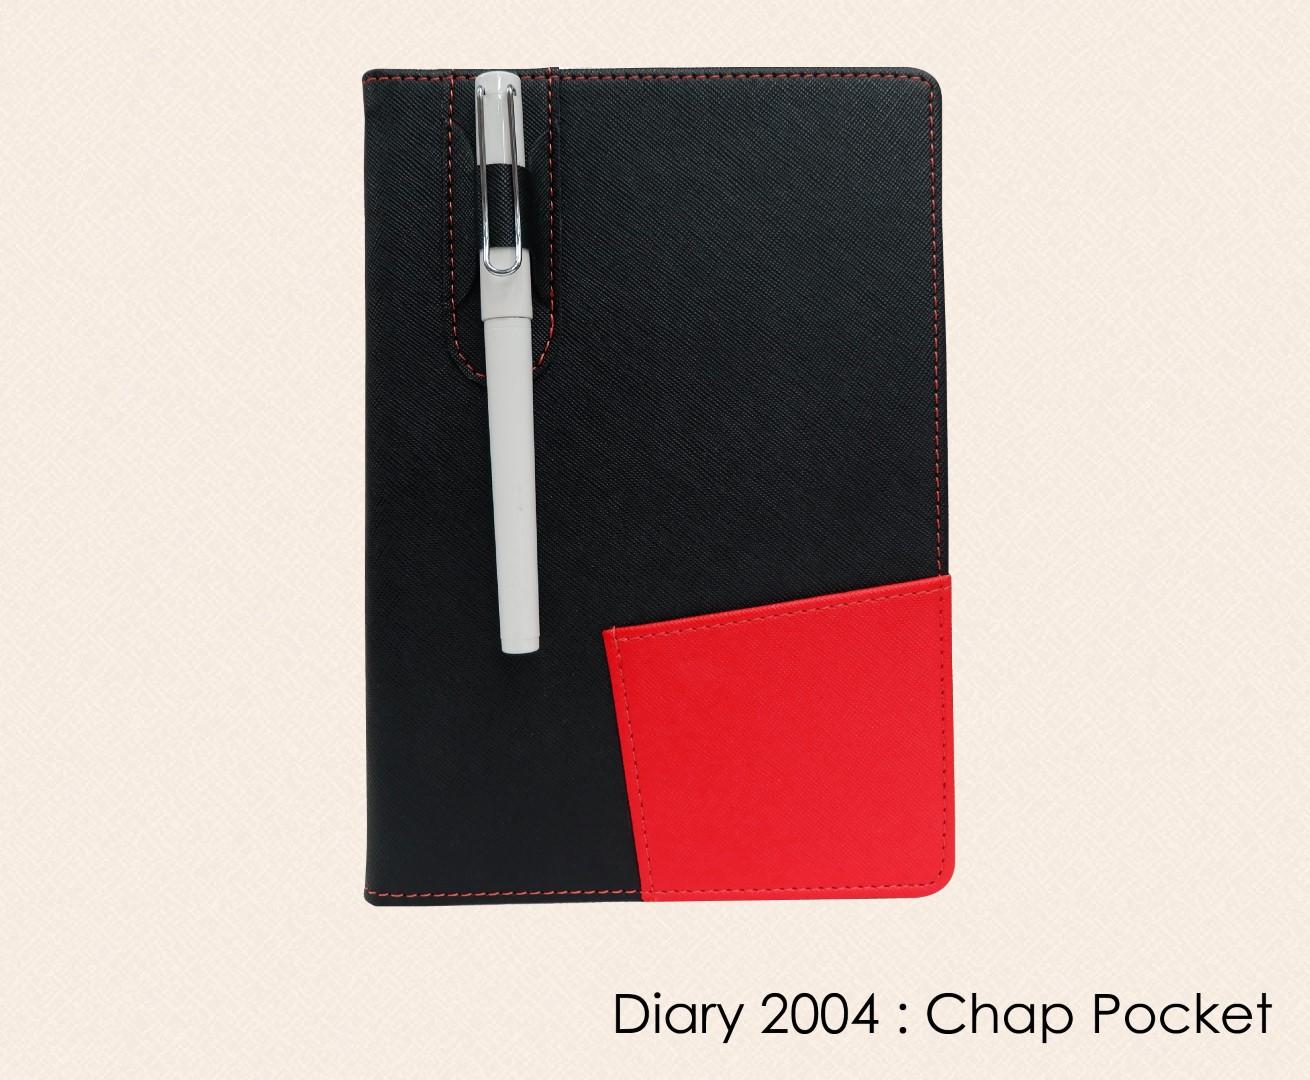 สมุดโน๊ต ไดอารี่ ปกหนัง Notebook Diary : DA 2004 chap pocket